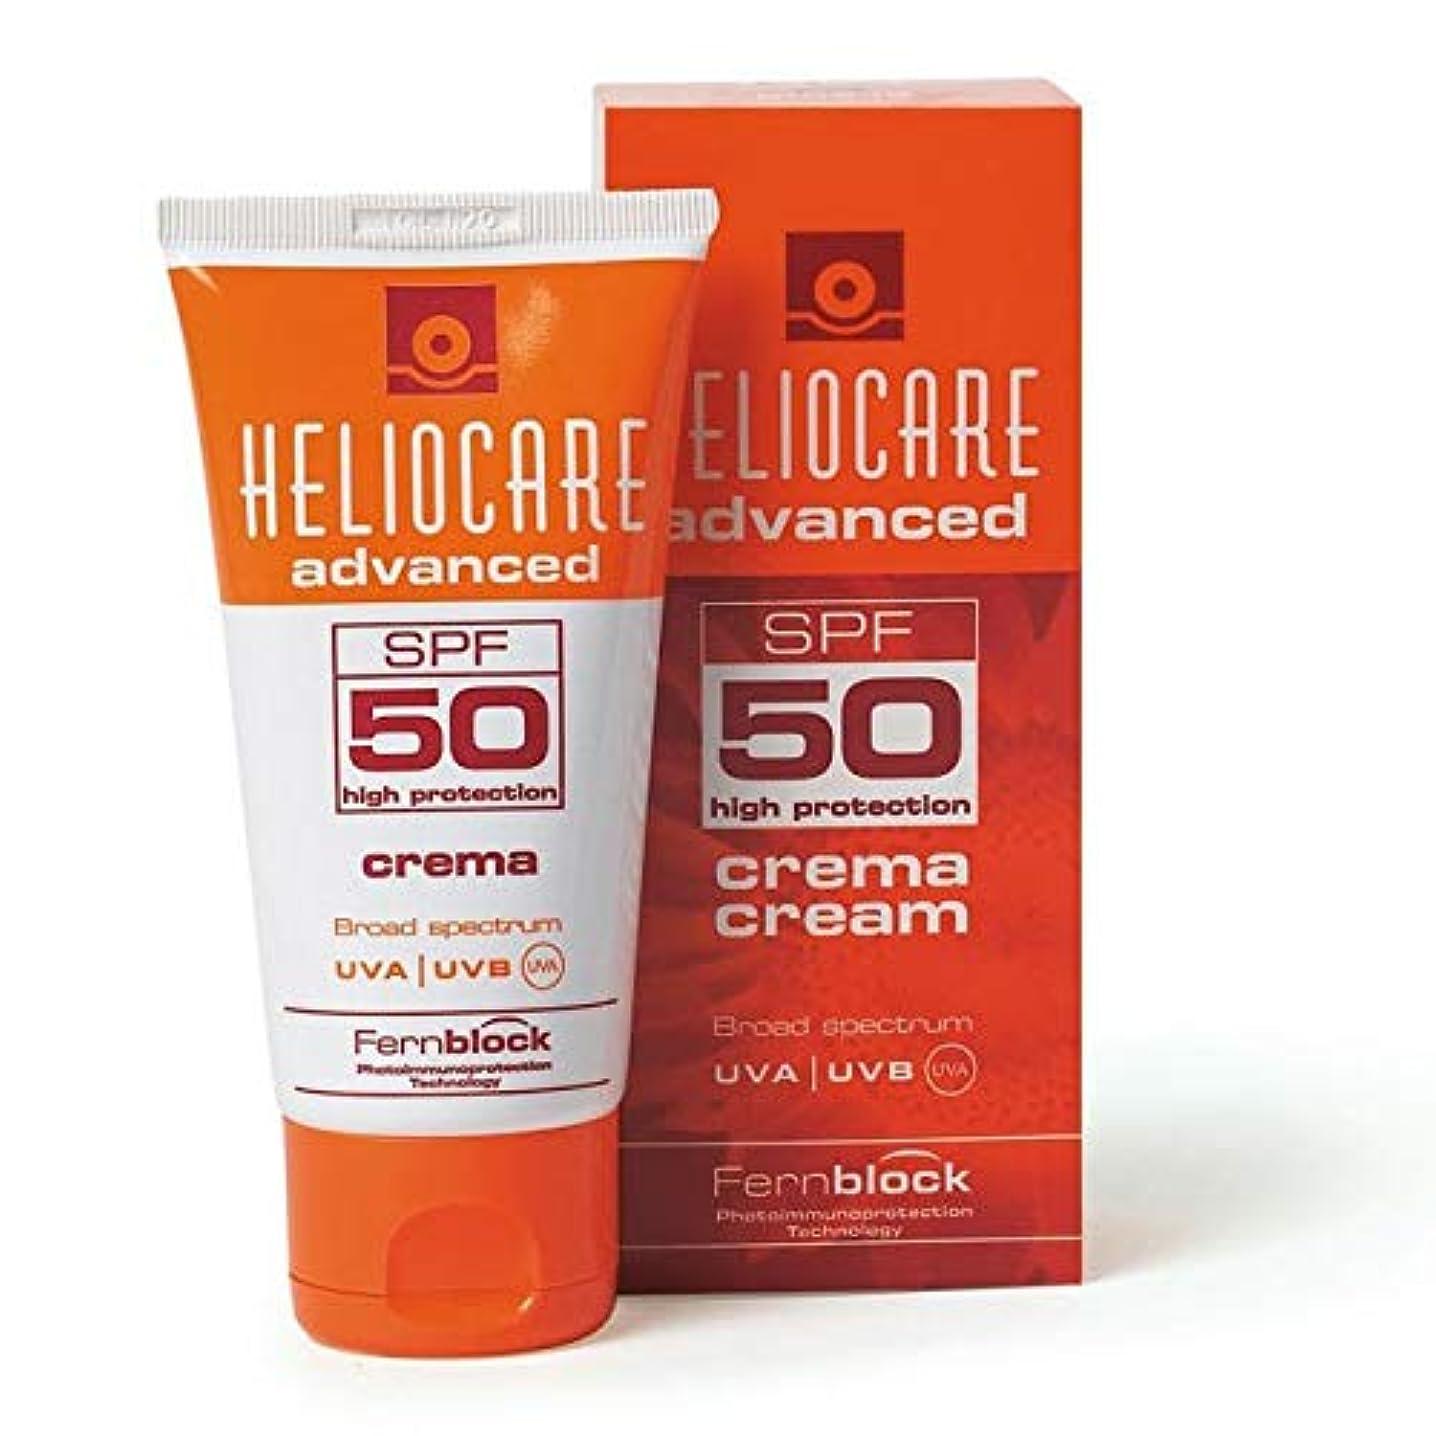 スタッフ感染する私ヘリオケア日焼け止めクリームSPF50 HELIOCARE Advanced cream 50ml 国内正規品